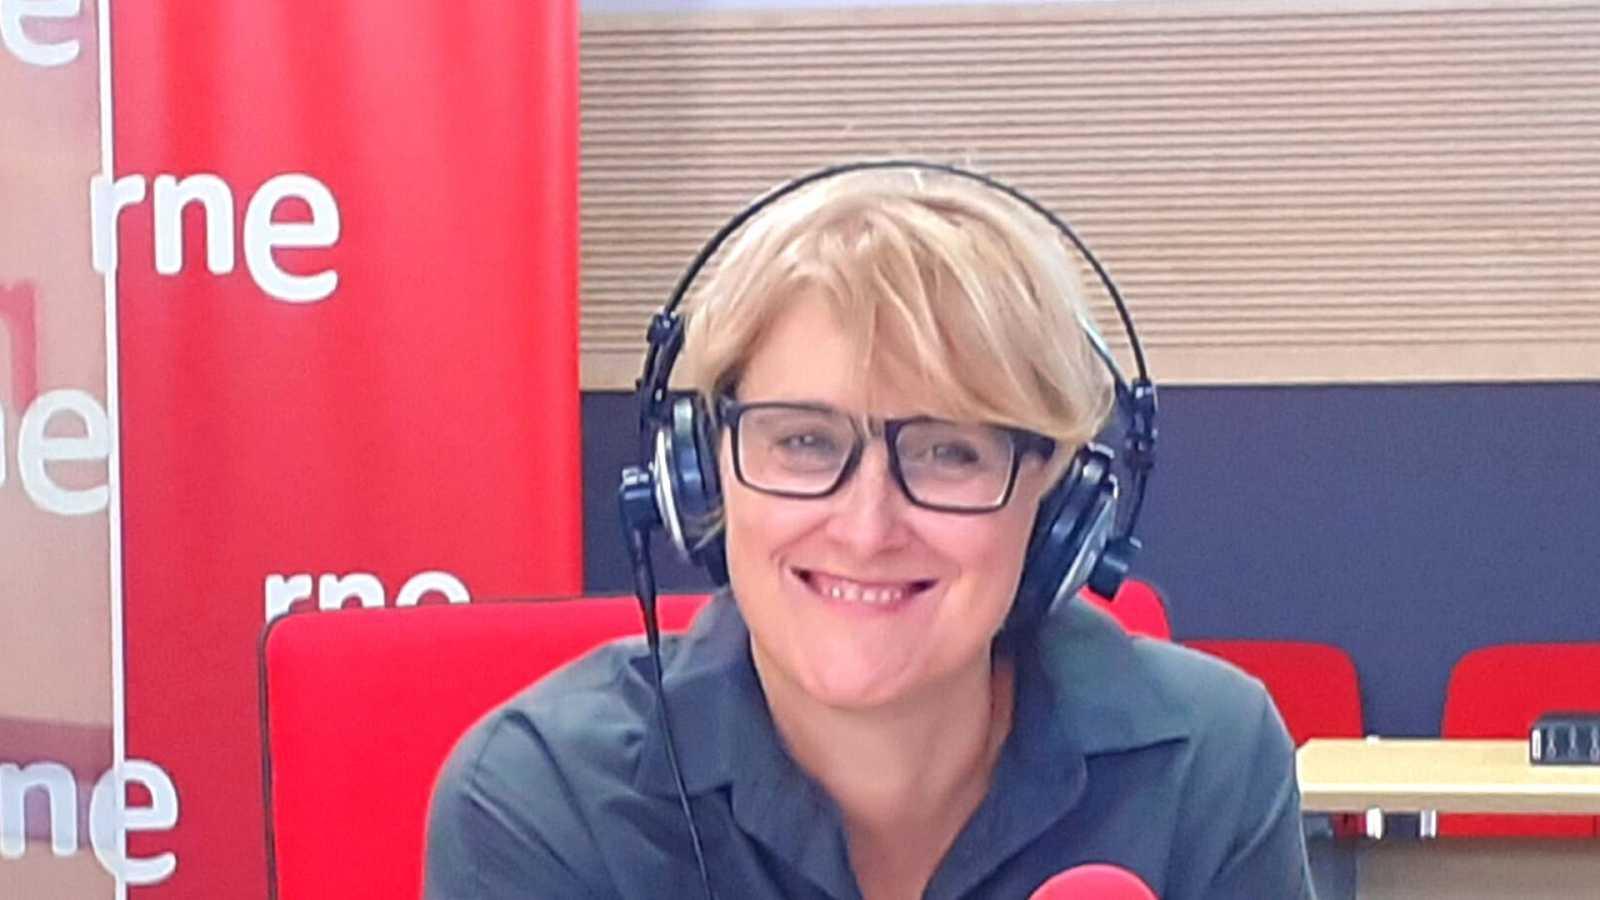 Las mañanas de RNE con Pepa Fernandez - Que corra el aire - El programa 'Imprescindibles' de TVE cumple 10 años en emisión - Escuchar ahora